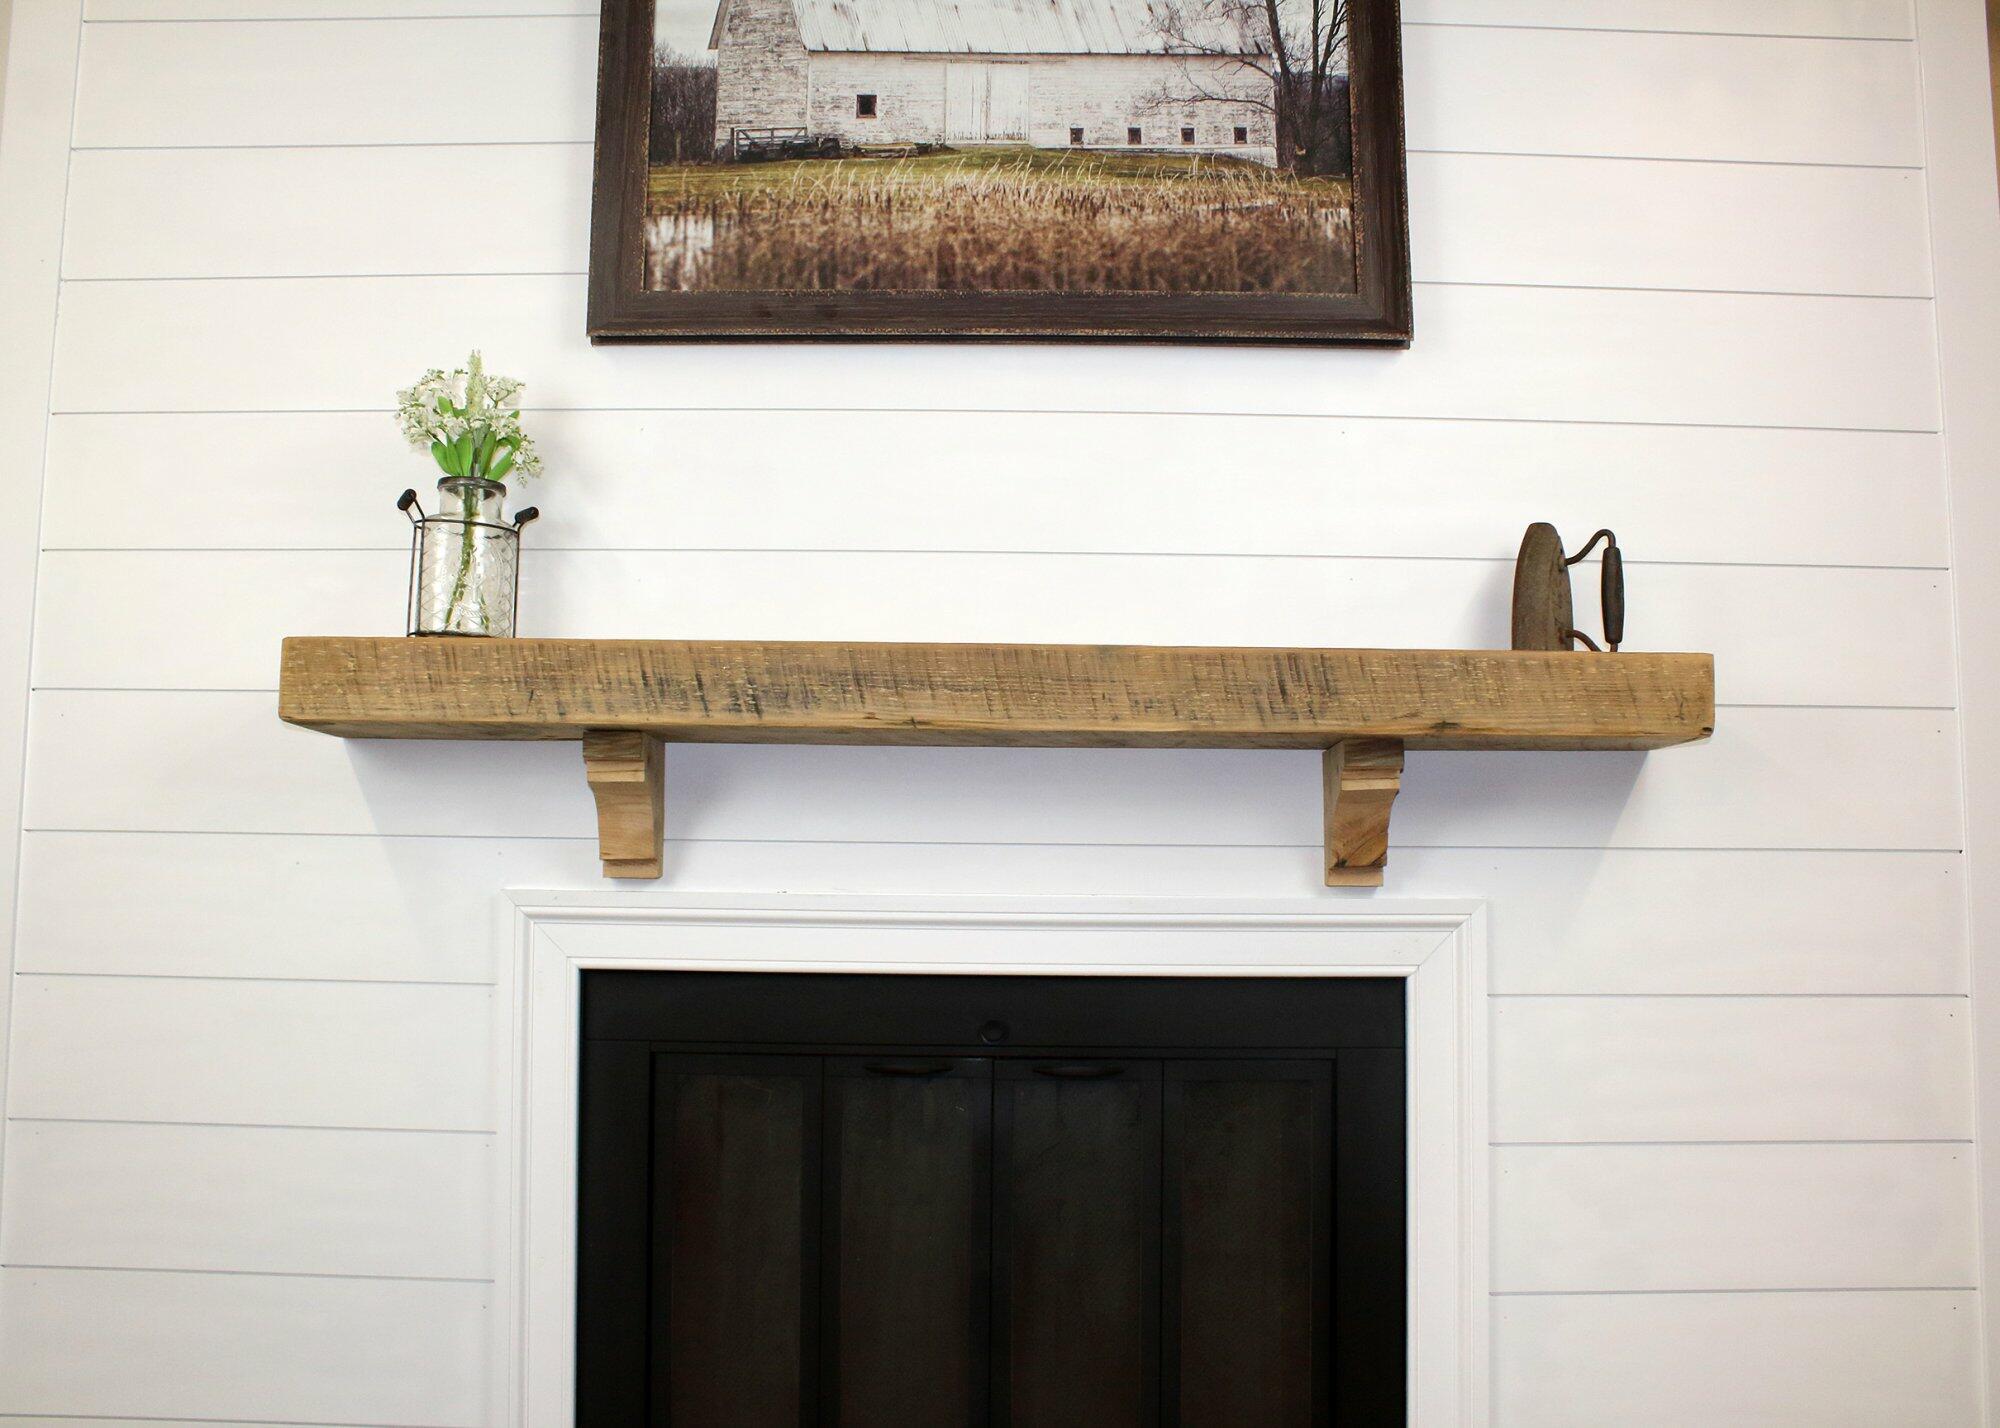 Reclaimed Barn Wood Fireplace Mantel Shelves 4x8 Modern Timber Craft